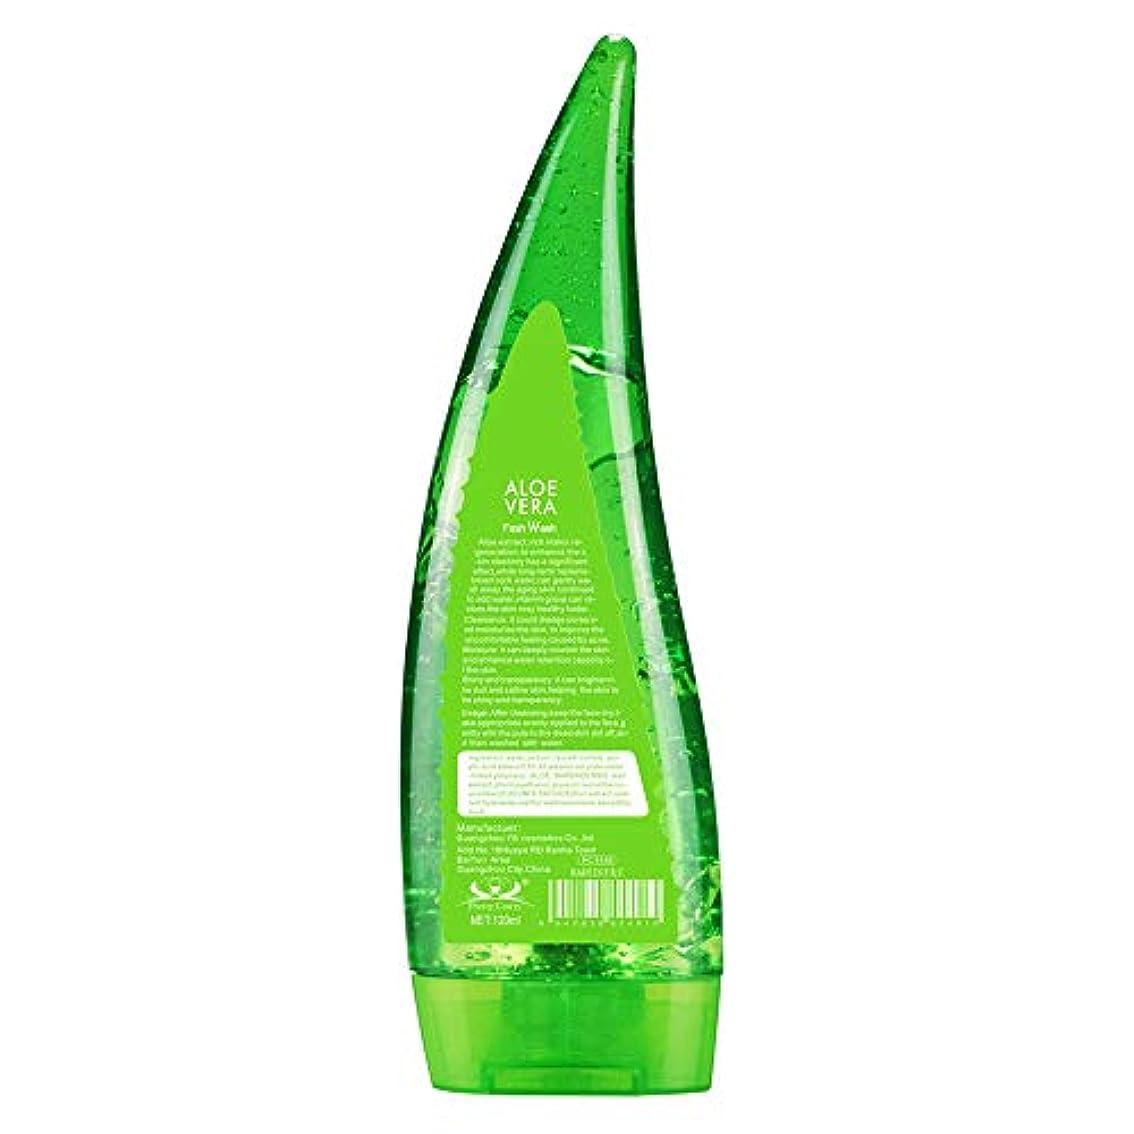 申し込むメールセールLazayyii アロエ ベラクレンザー洗顔料 (グリーン)